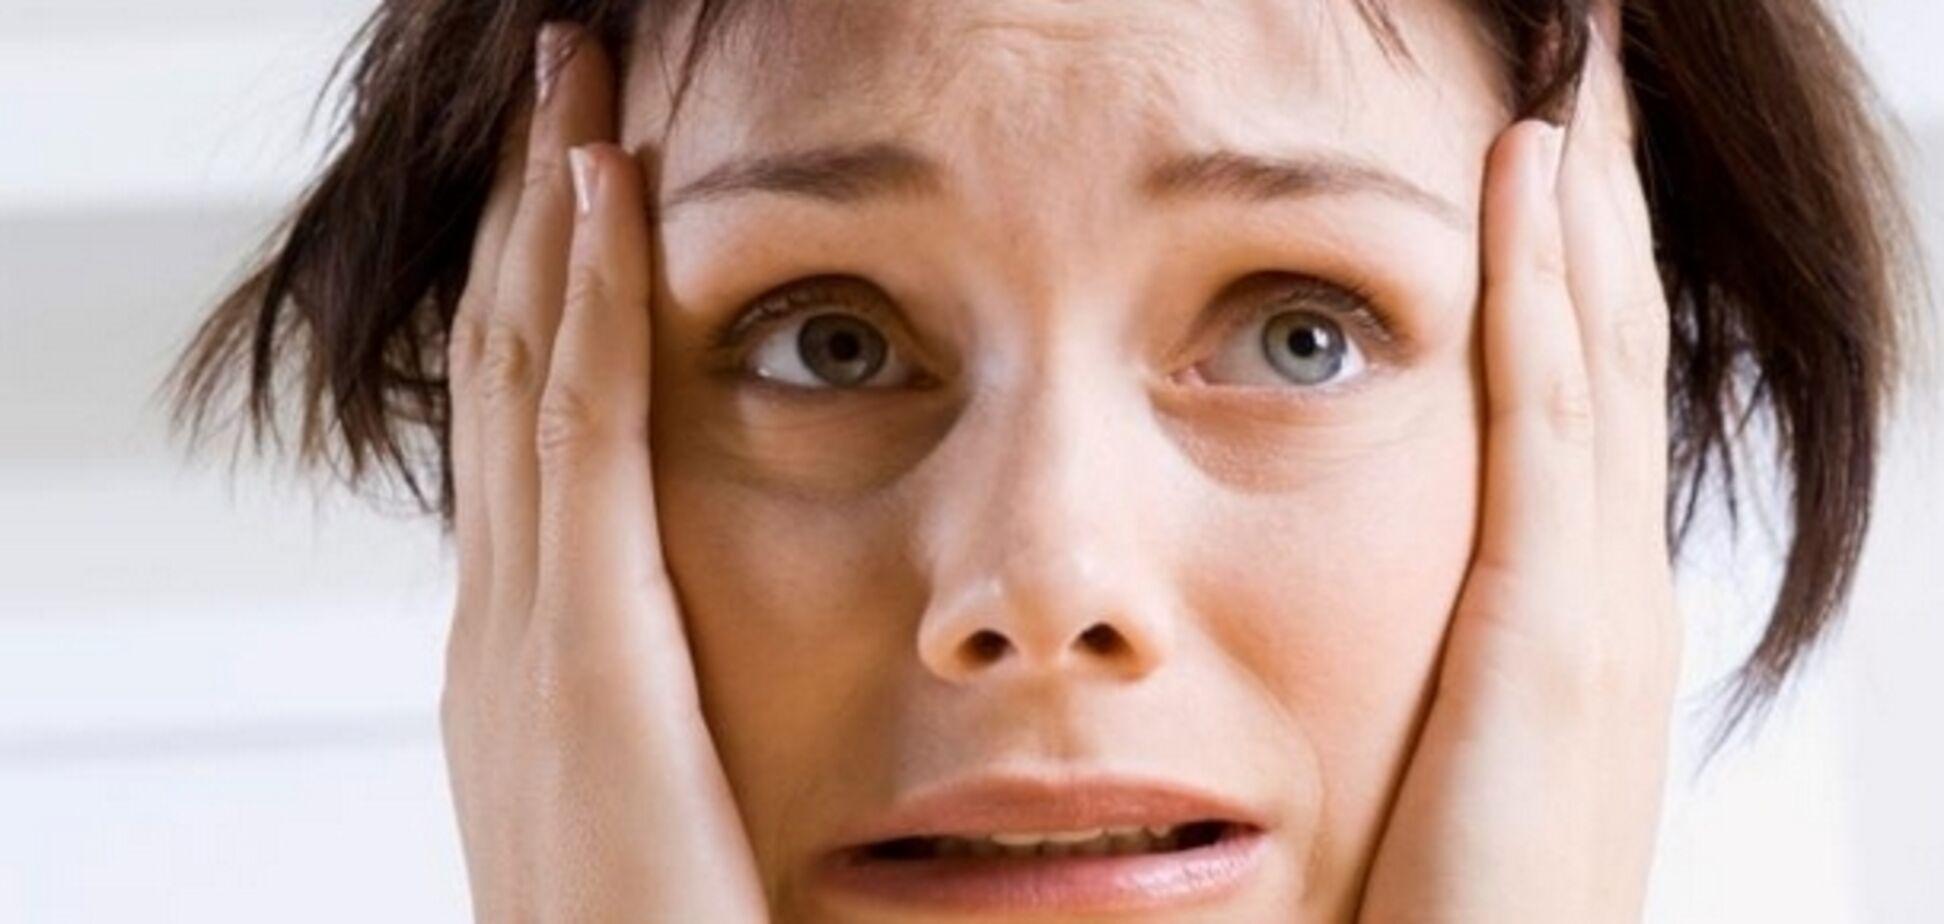 Симптомы генерализированного тревожного расстройства